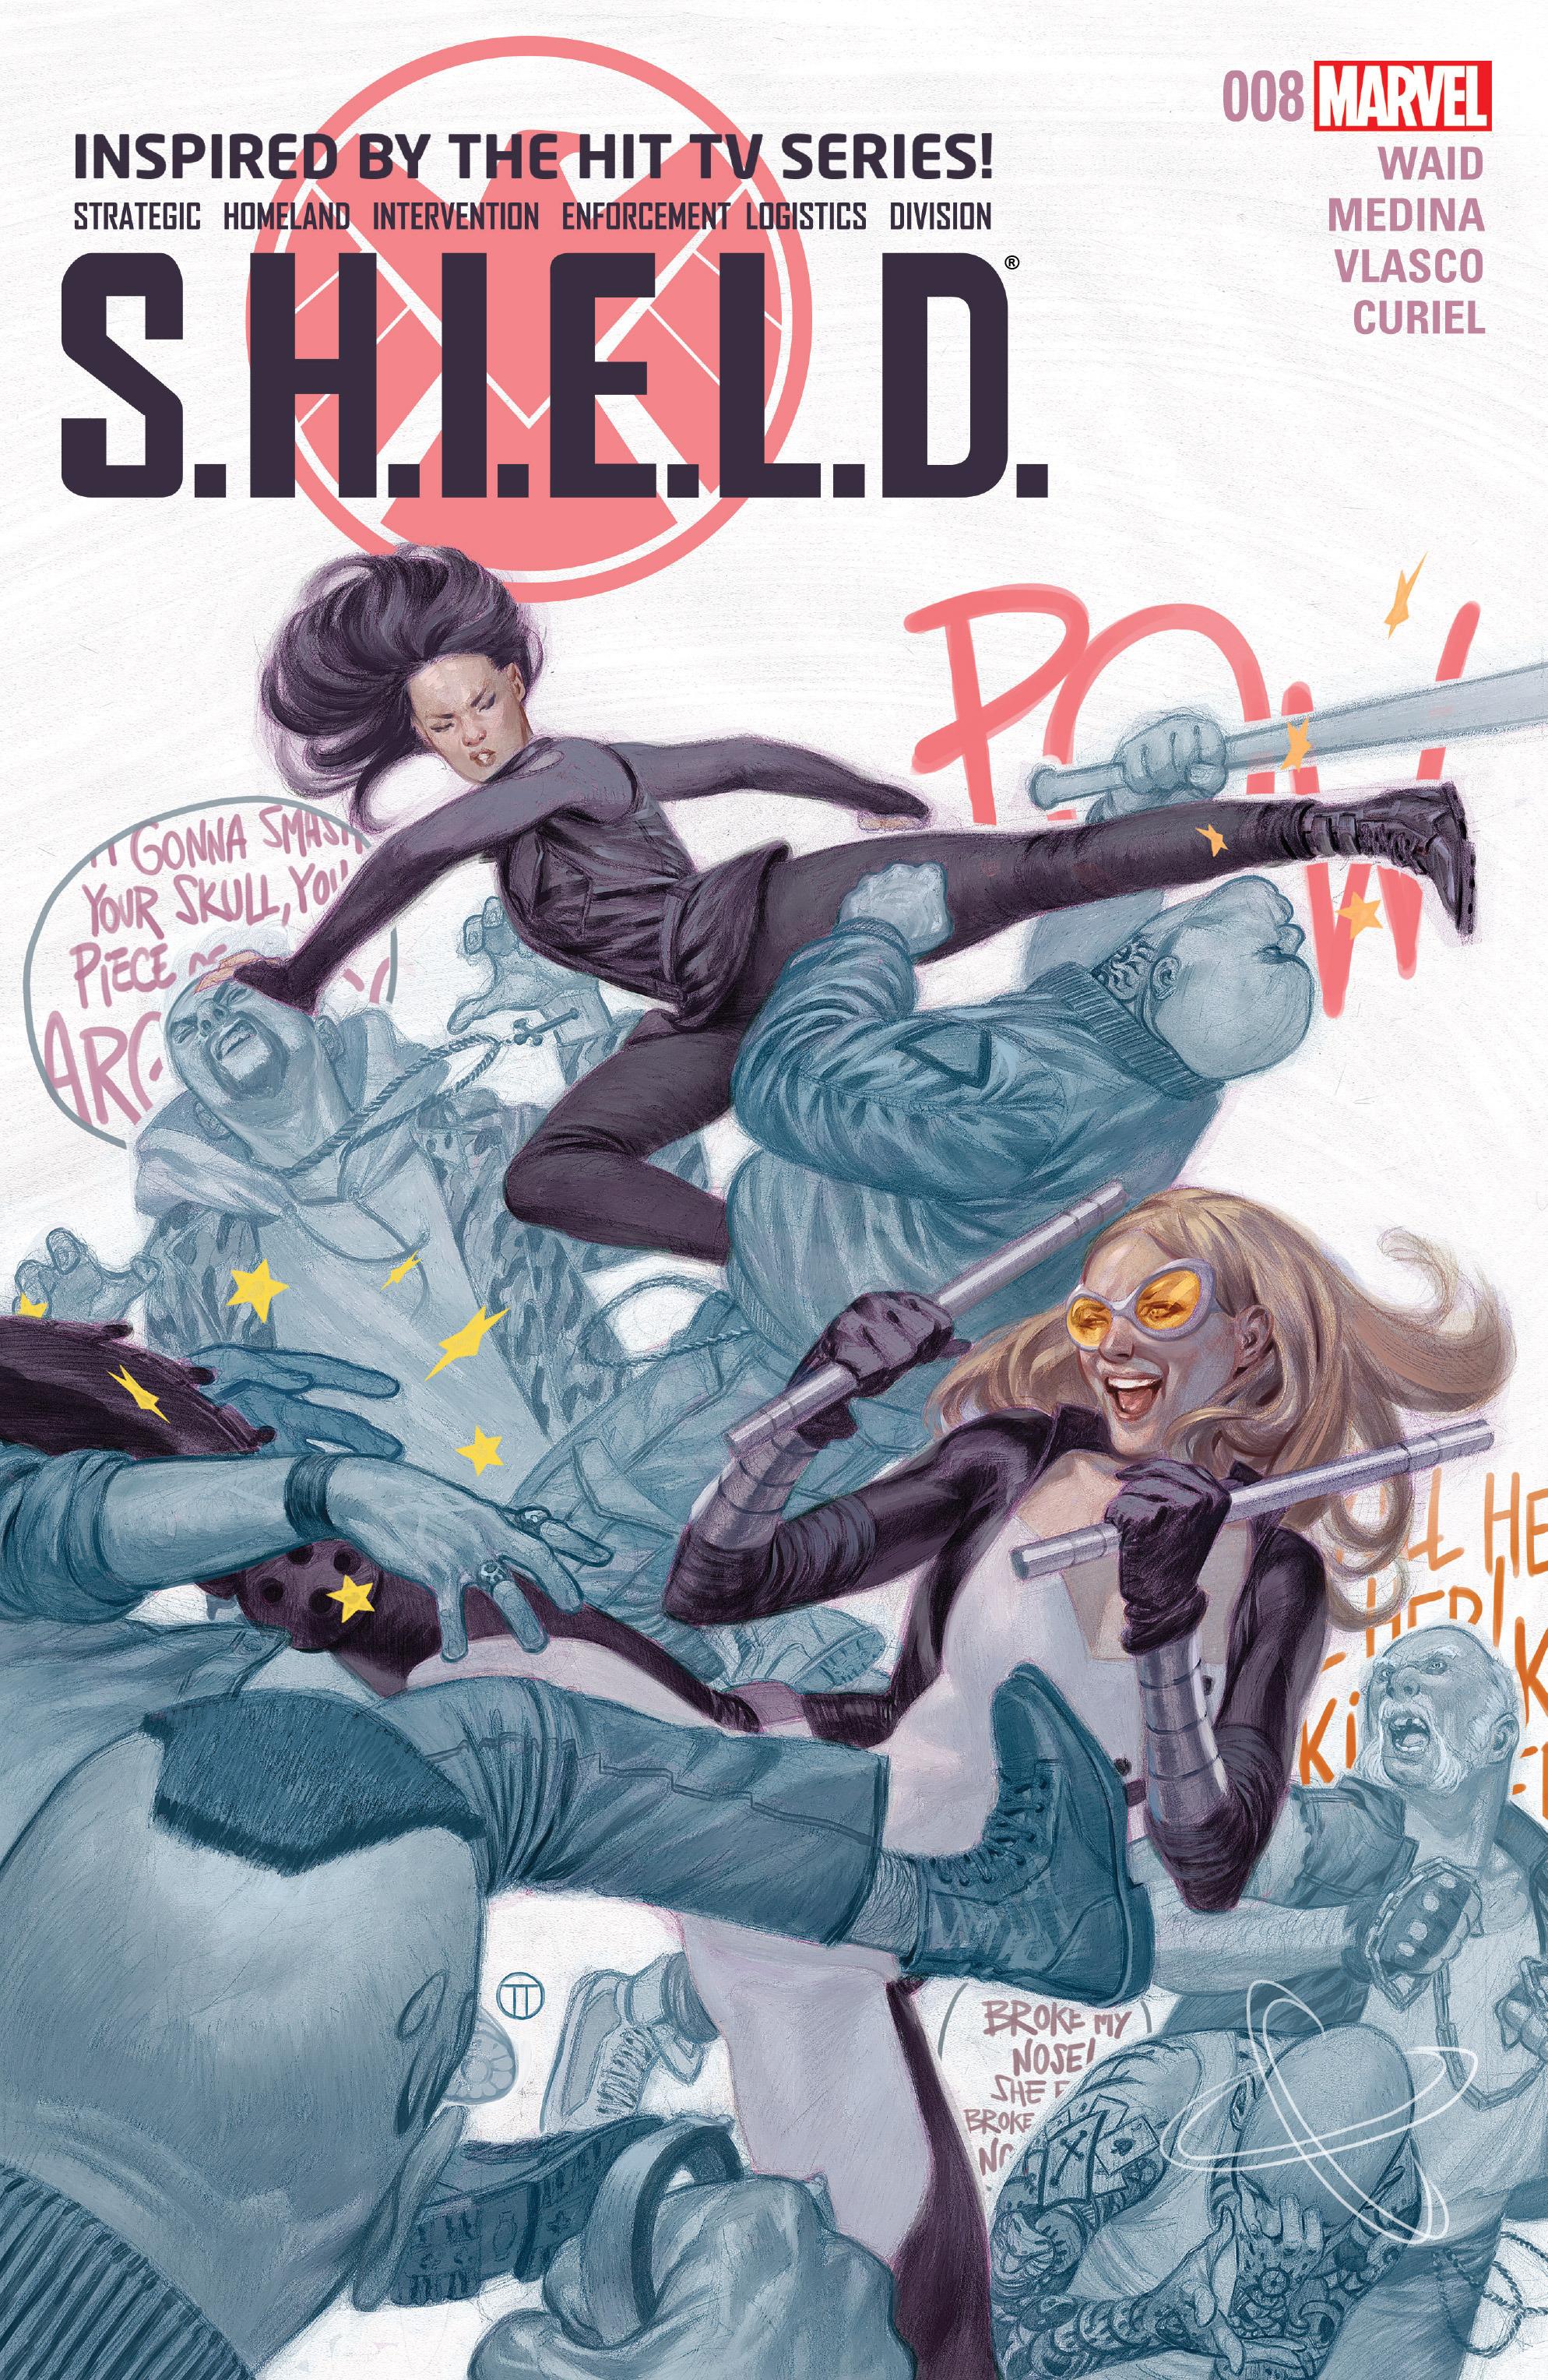 S.H.I.E.L.D. (2015) 8 Page 1